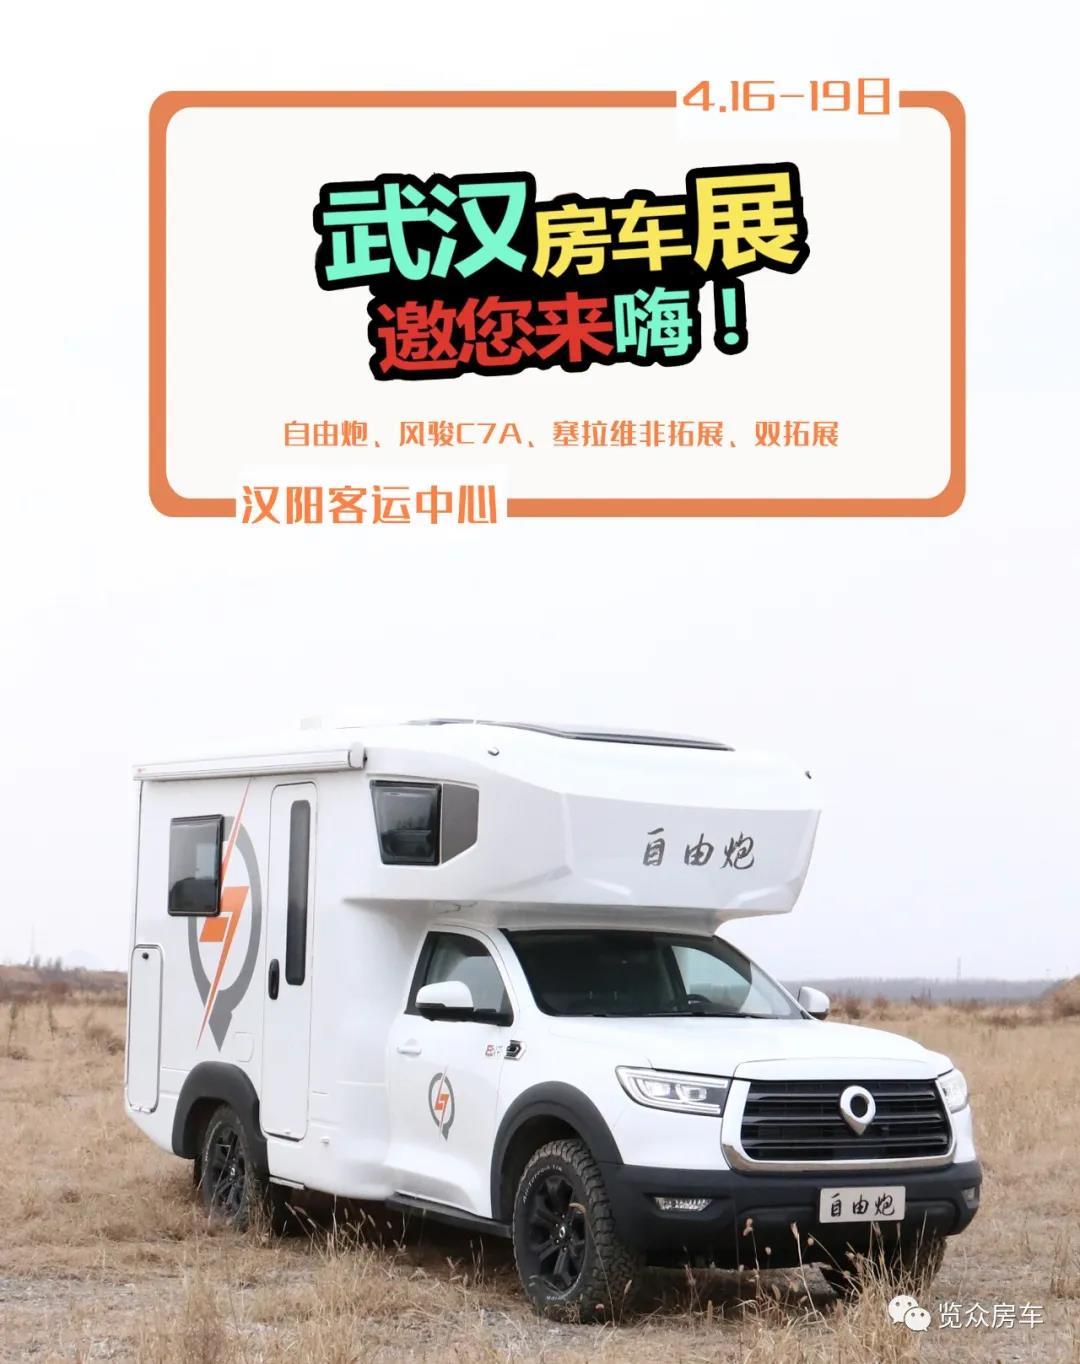 【车展】春光烂漫 览众房车与你相约武汉